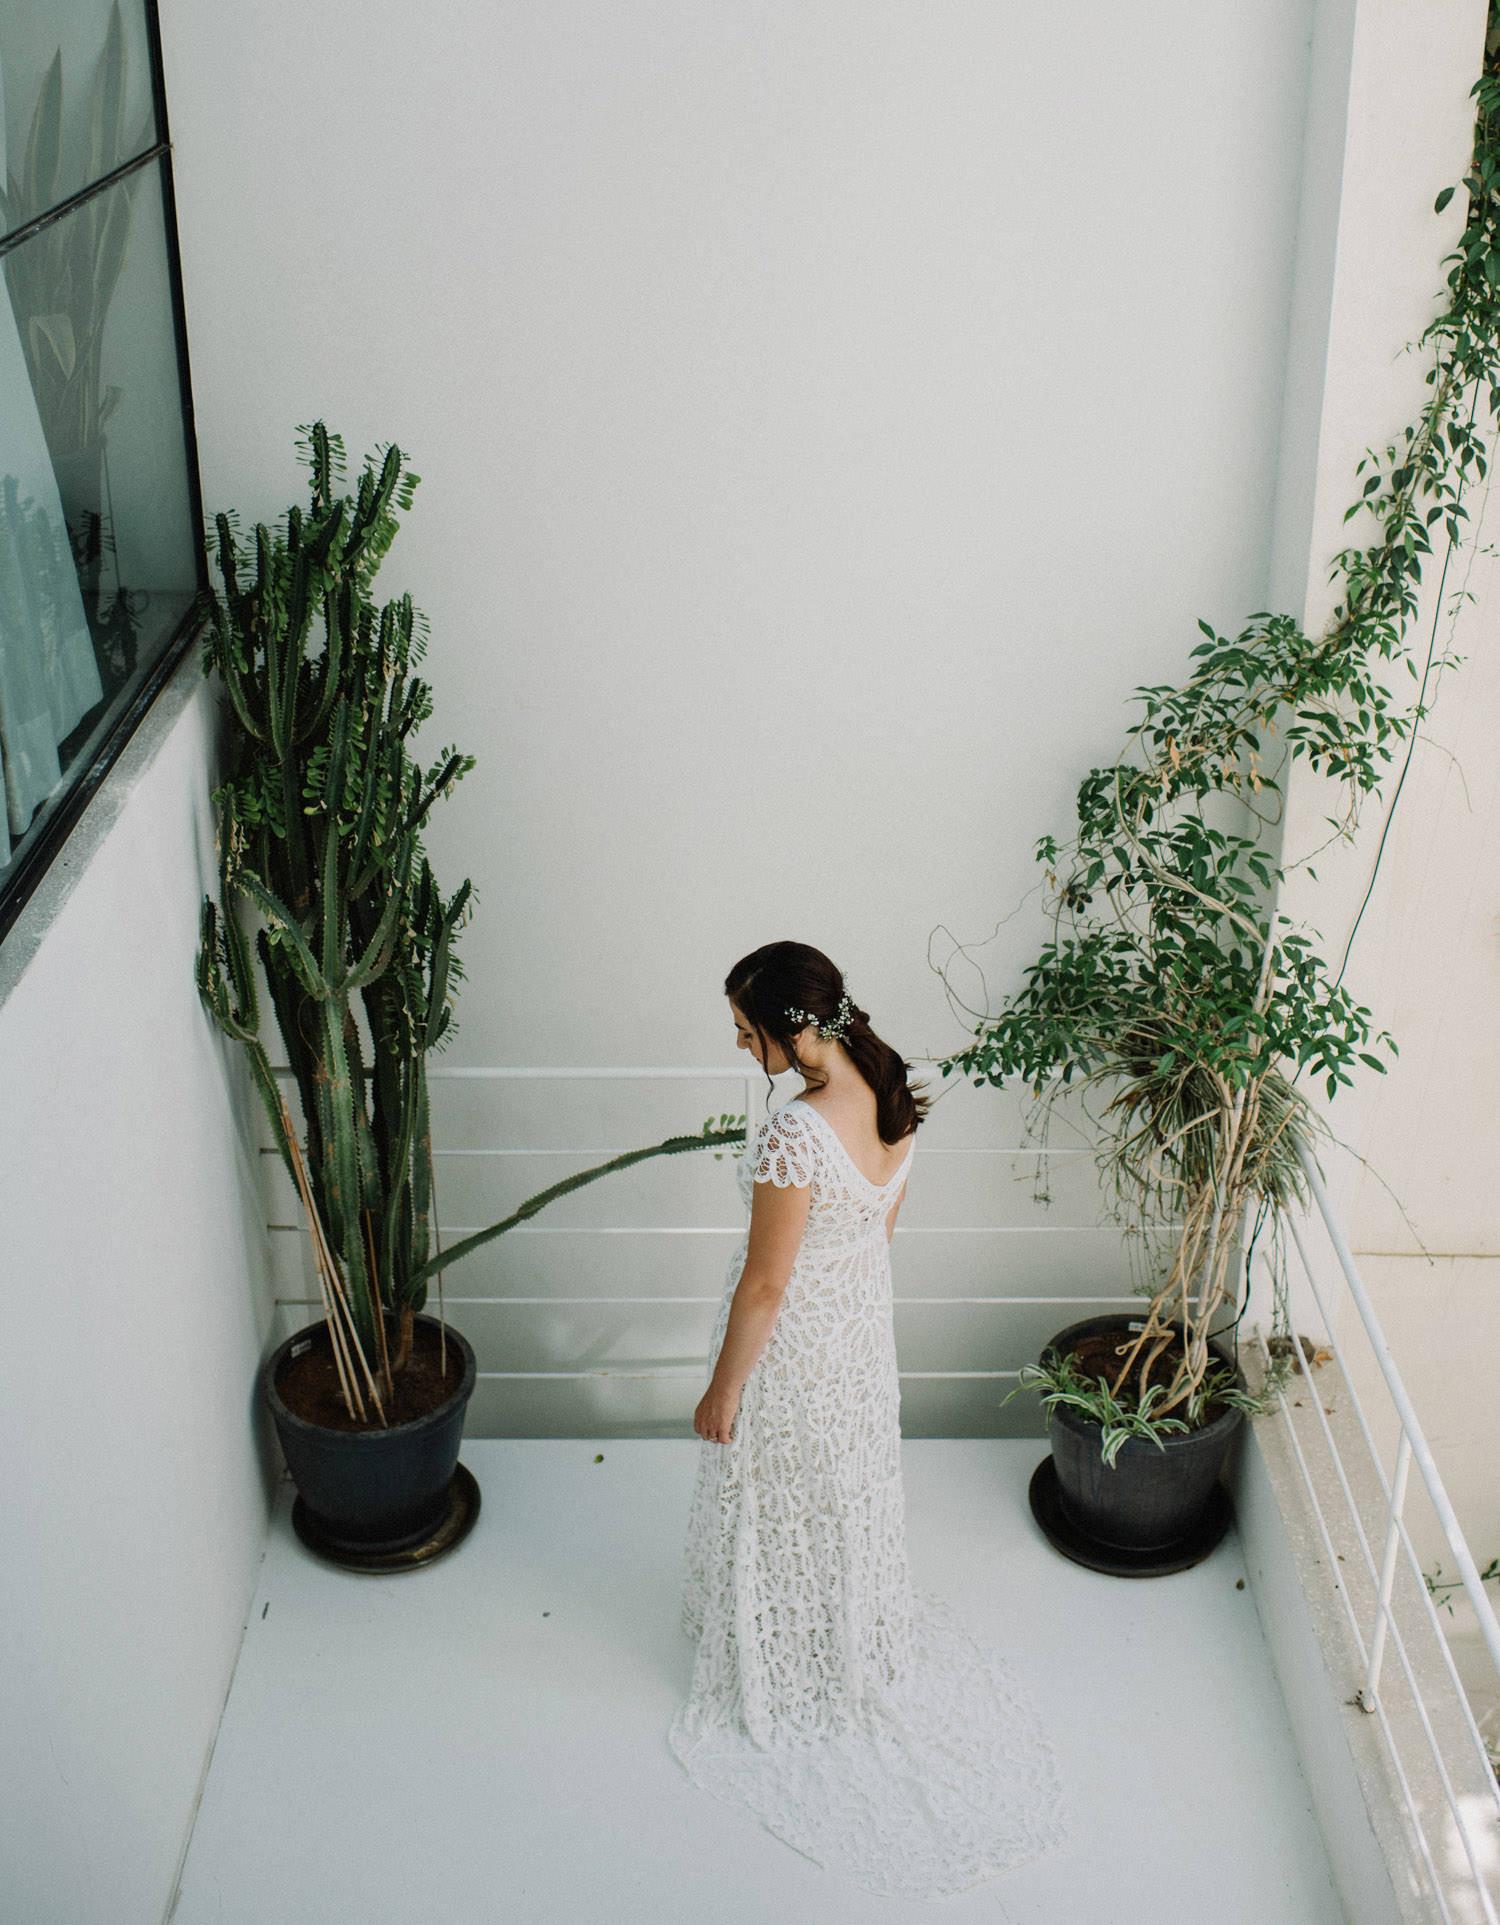 bride portrait in airbnb apartment